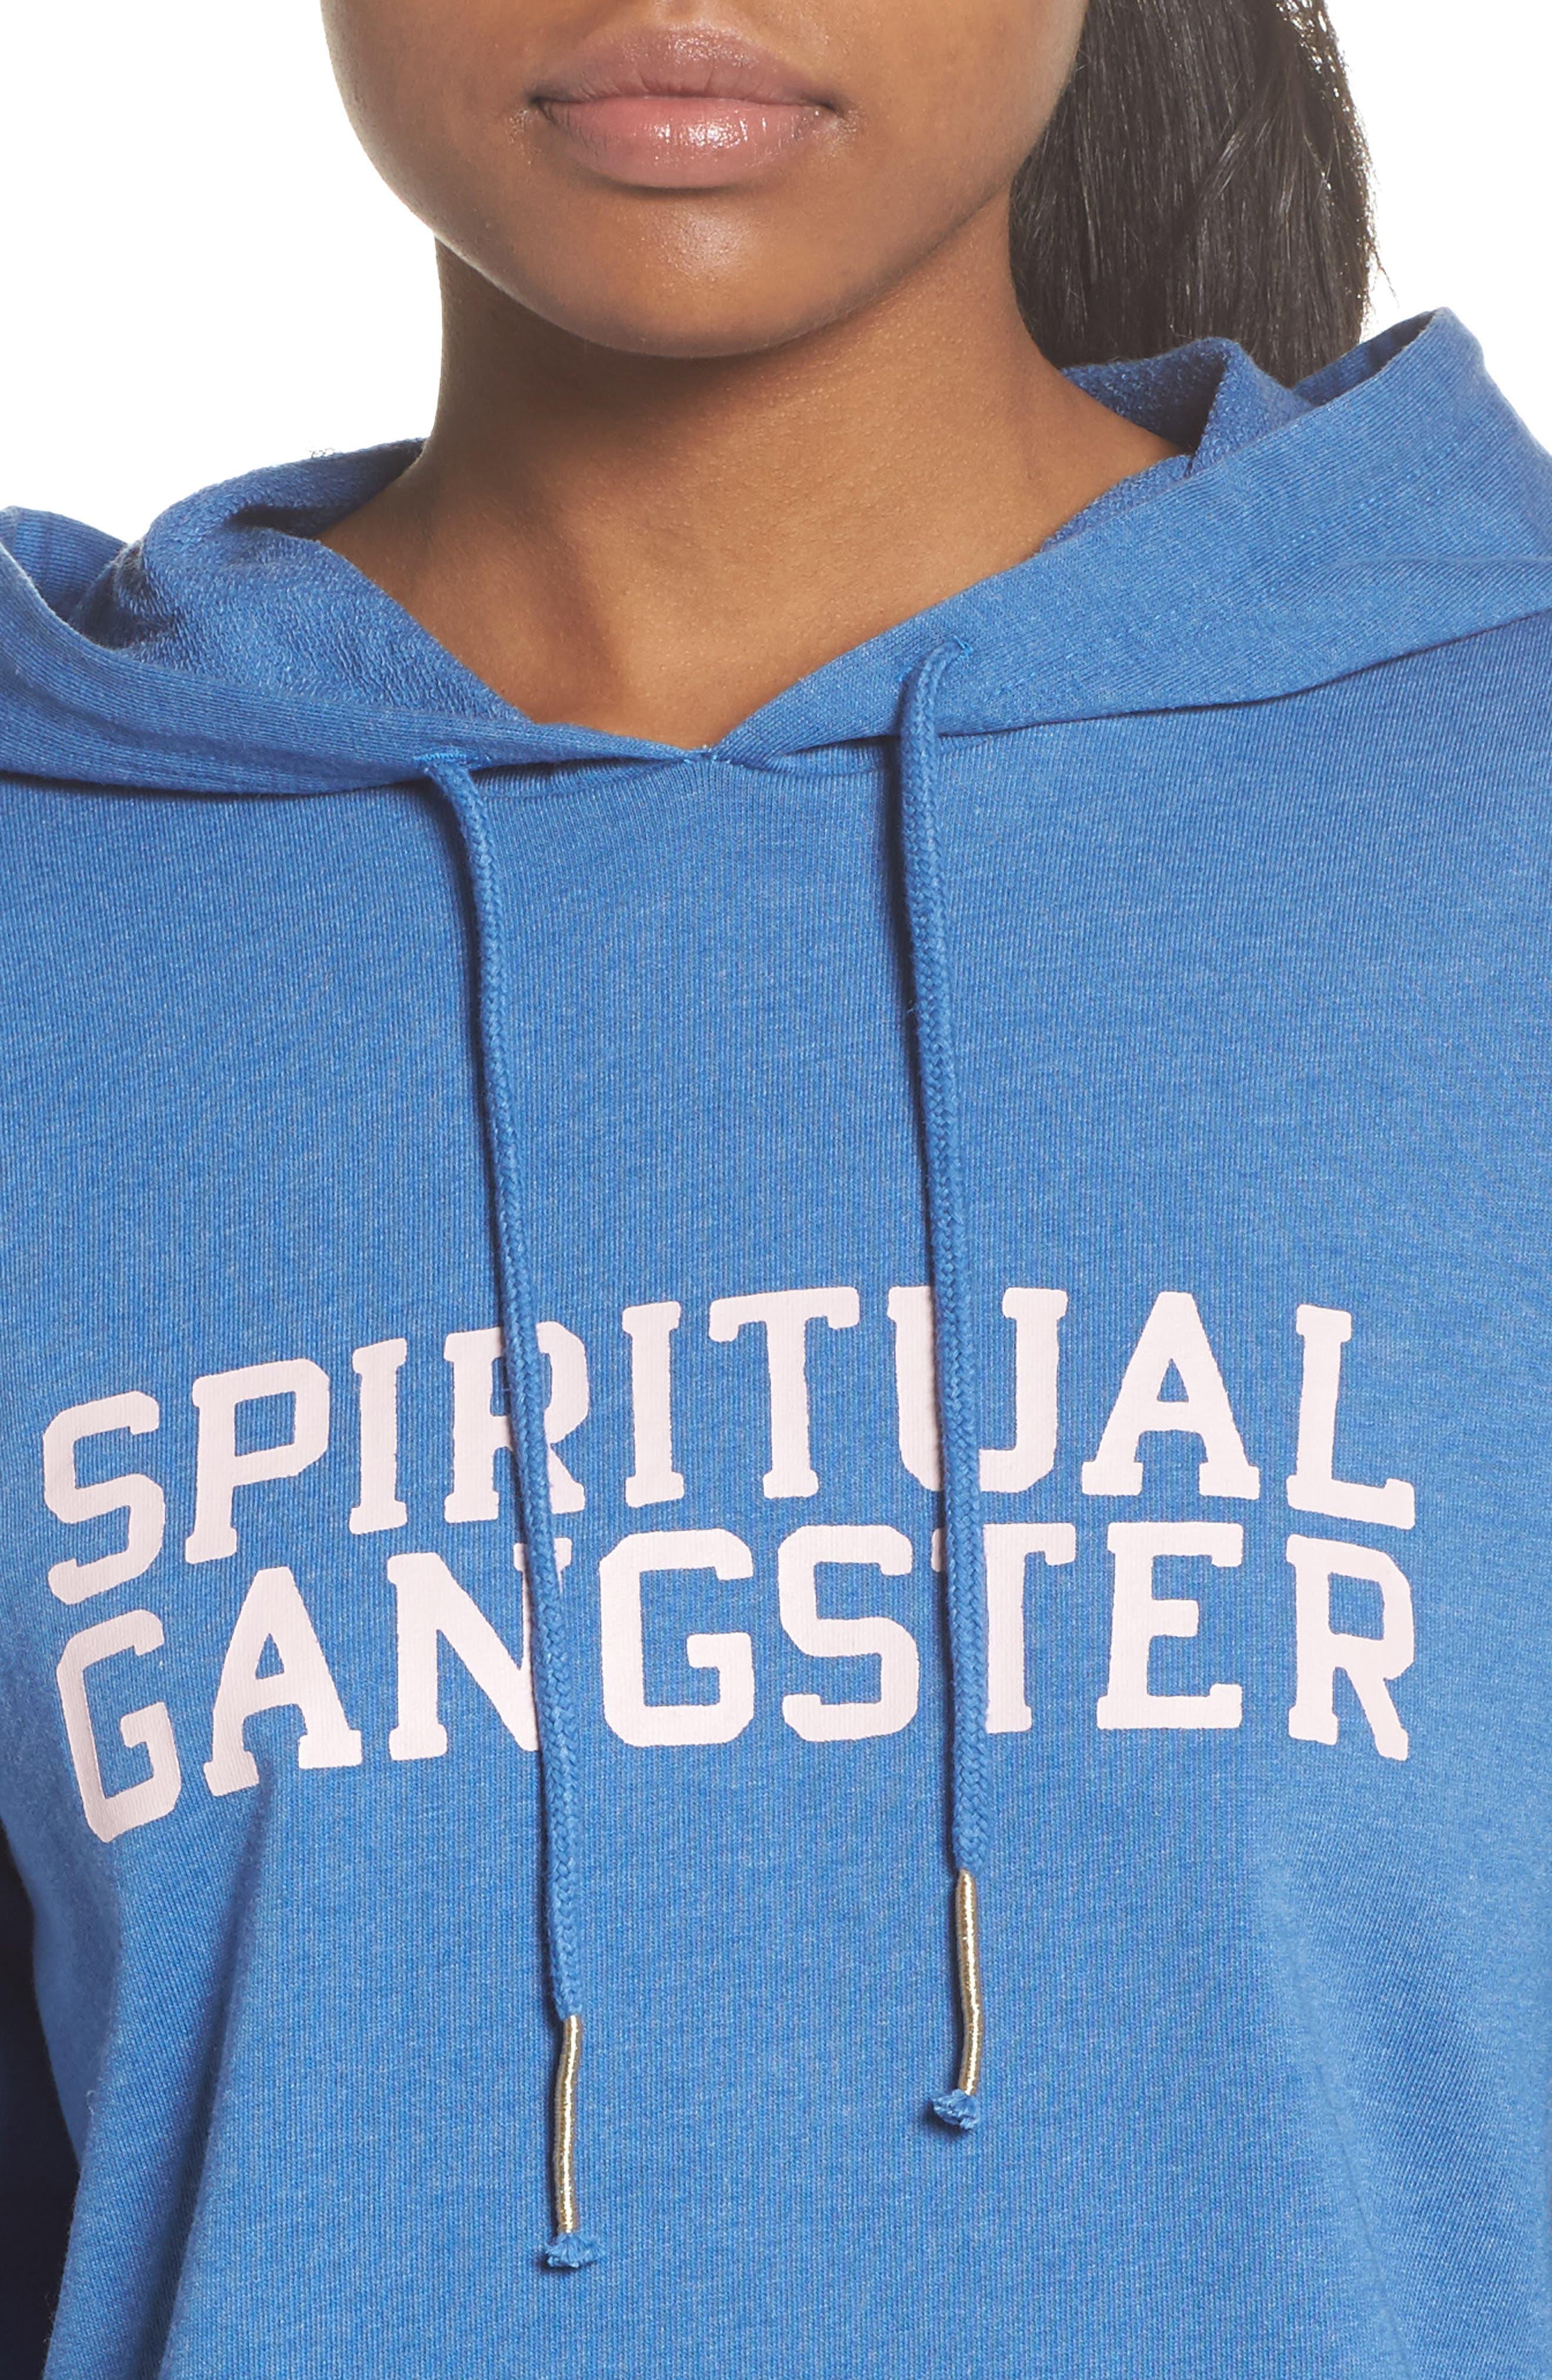 Varsity Hoodie Sweatshirt,                             Alternate thumbnail 4, color,                             400